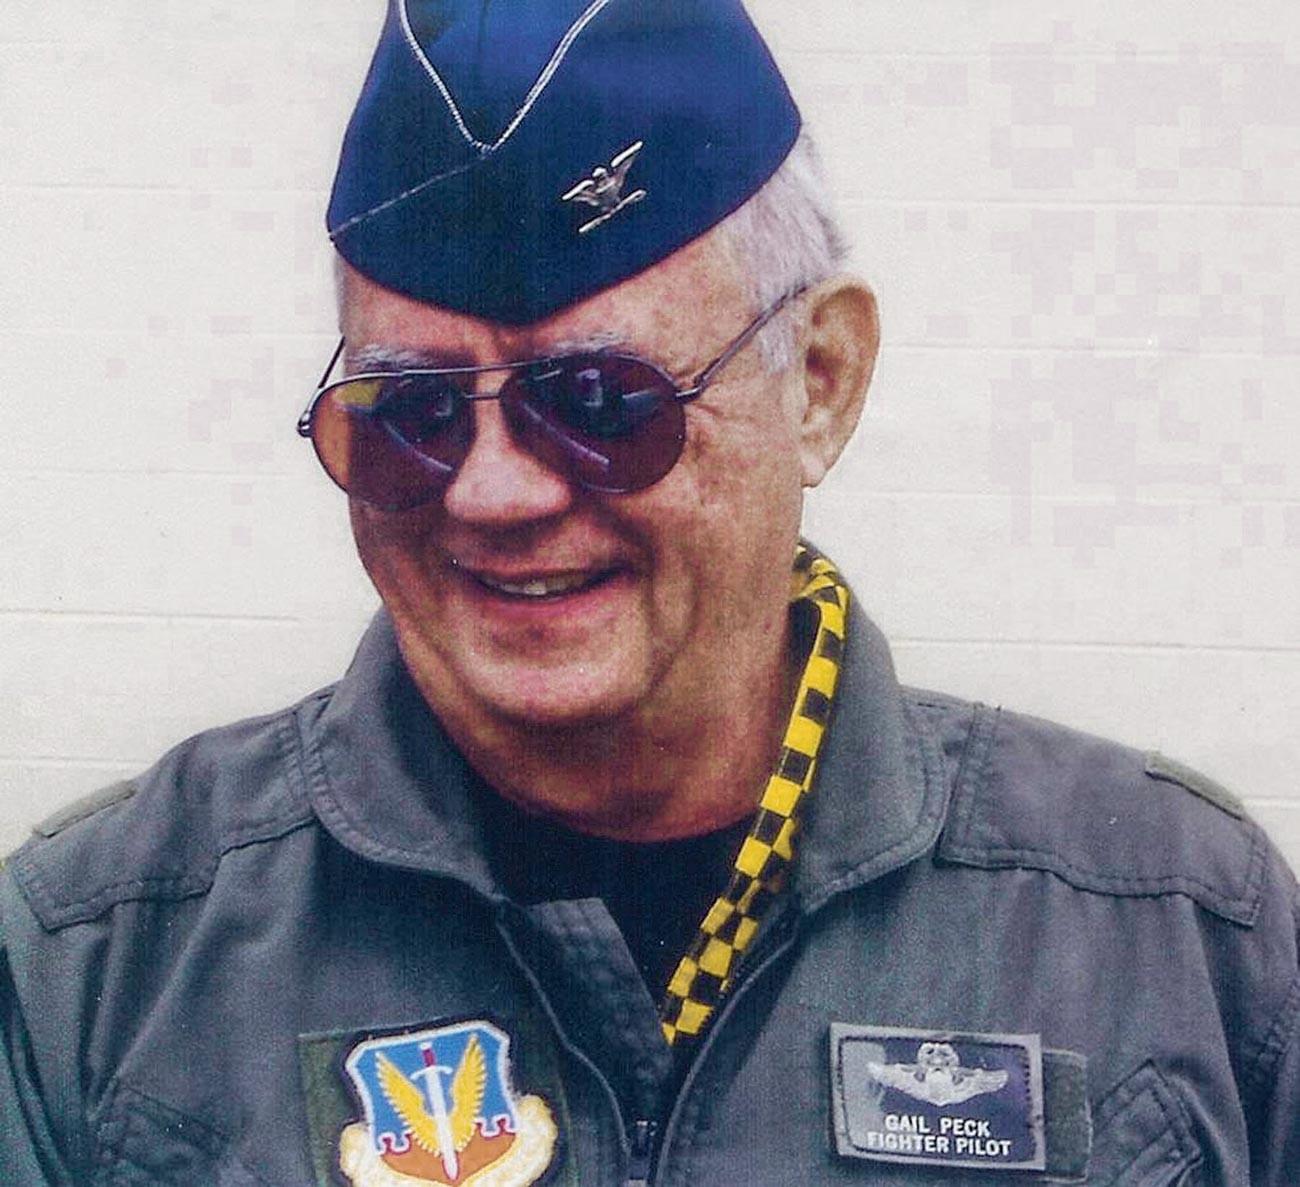 Colonel Gail Peck.